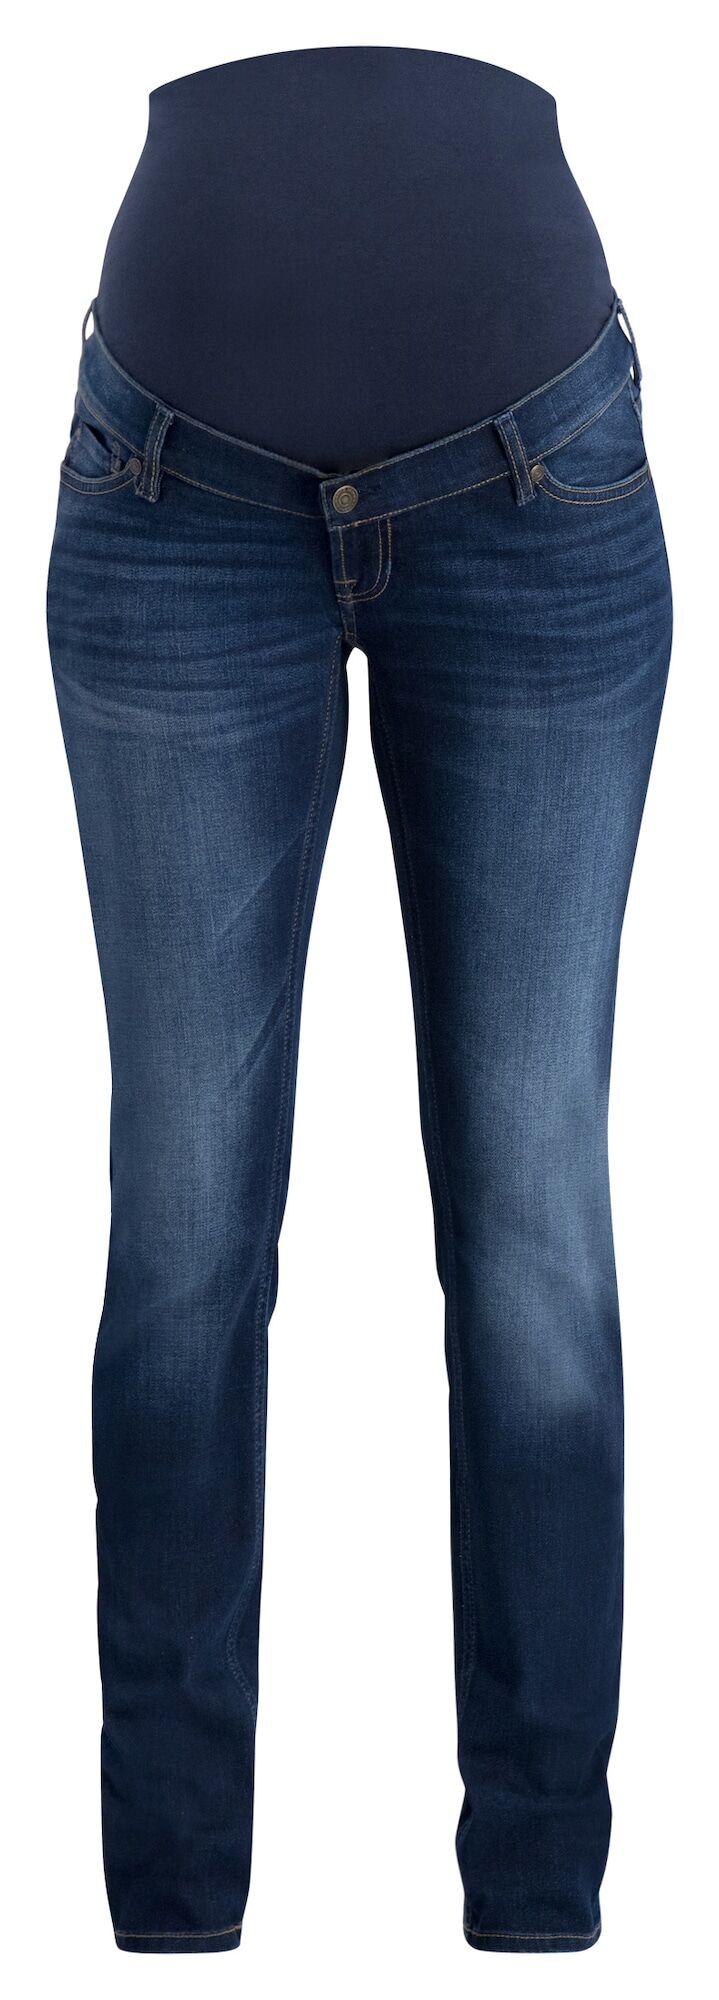 Noppies Jean 'Mila'  - Bleu - Taille: 26 - female